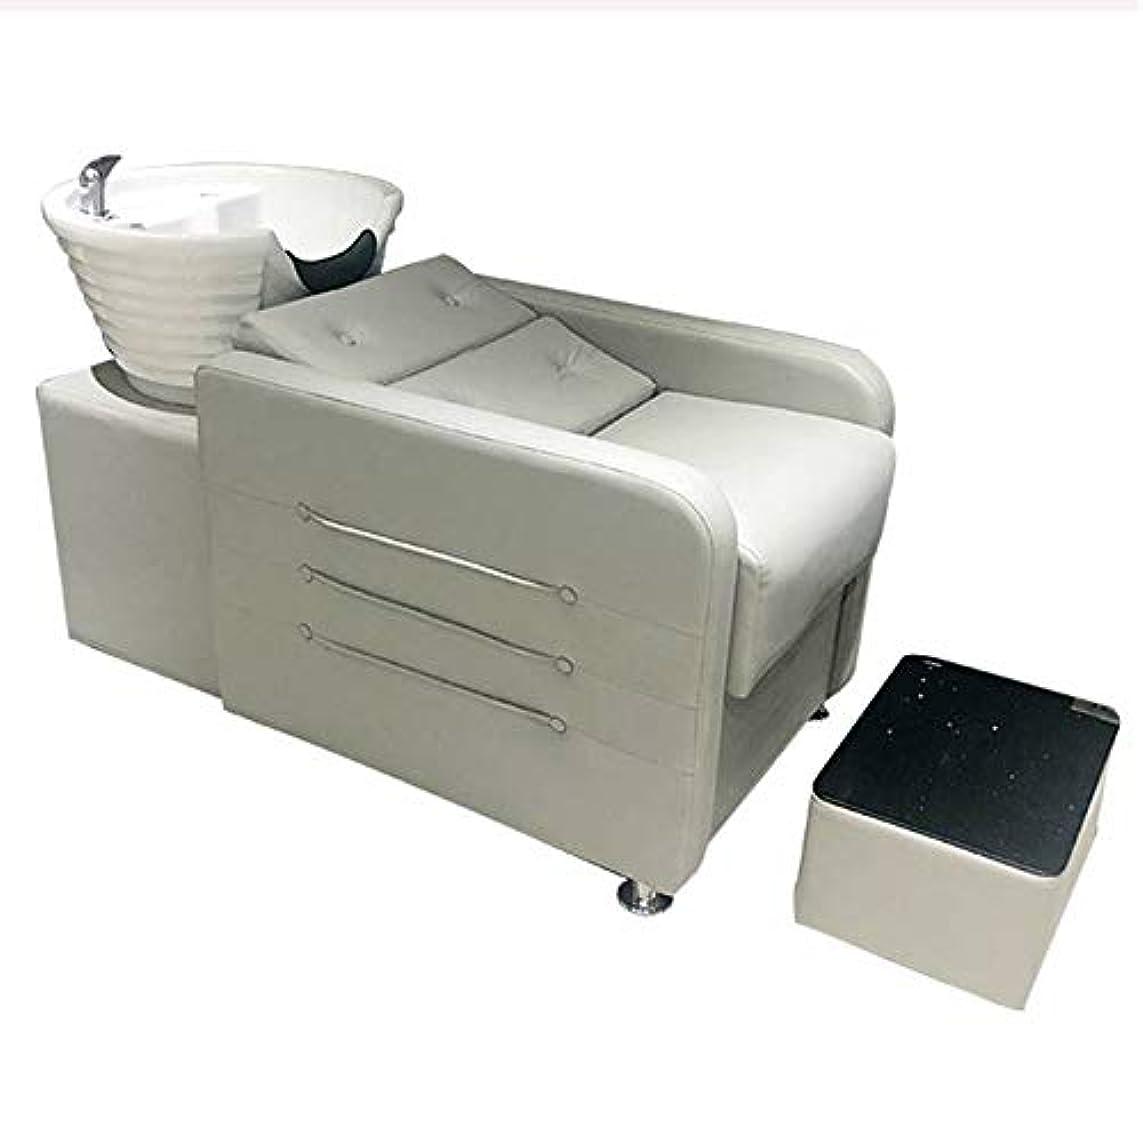 シャンプーチェア、逆洗ユニットシャンプーボウル理髪シンクシンクチェア用スパエステサロン半埋め込みフラッシュベッド(グレー)